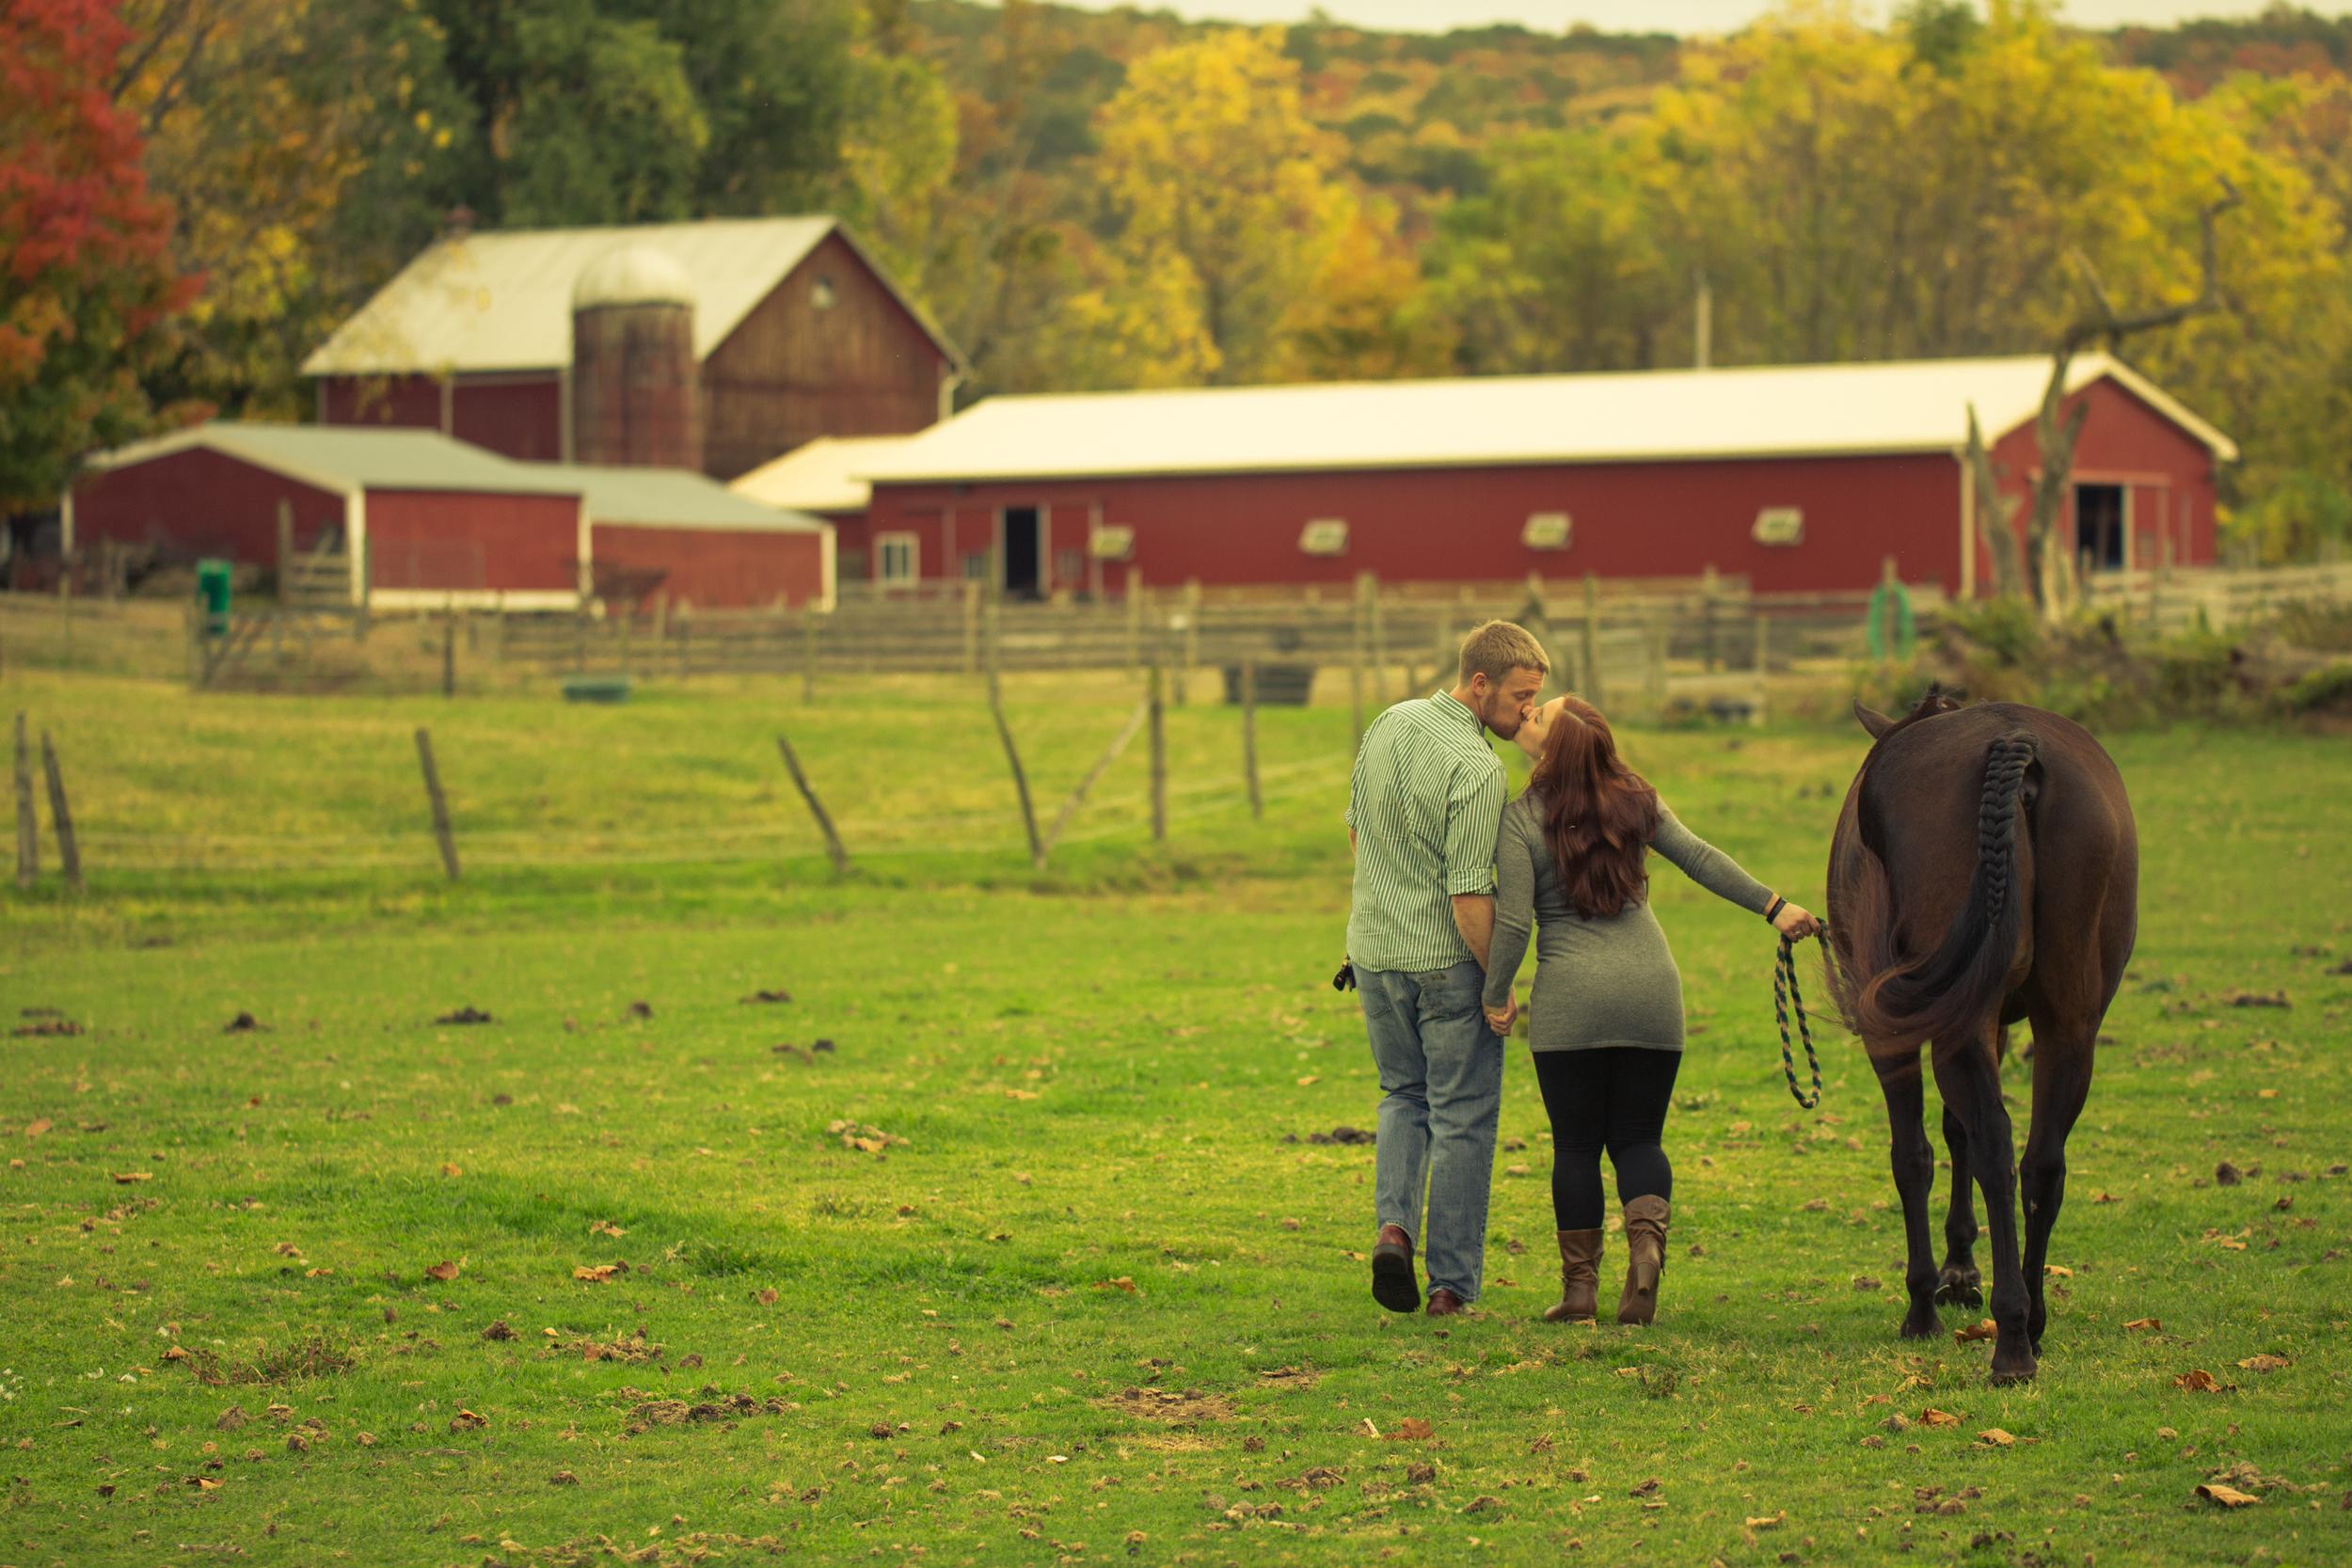 On the Family Farm